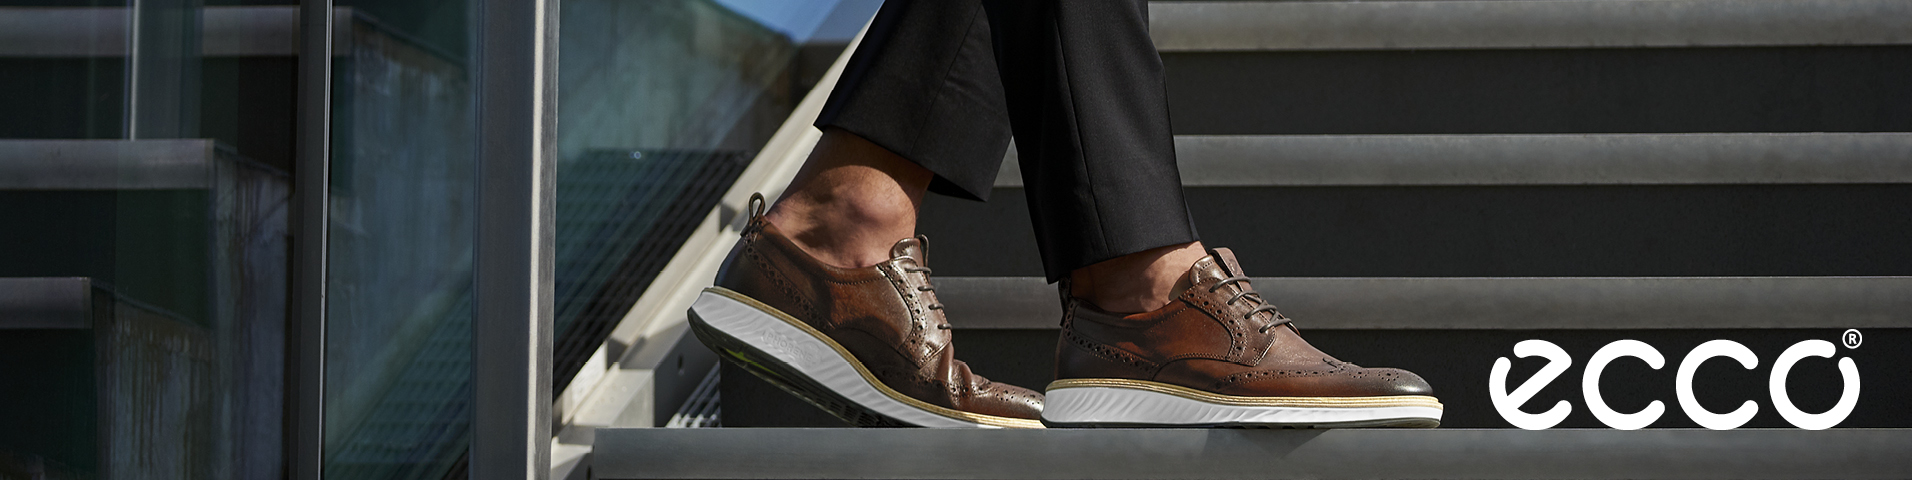 1512a6cae96cda Ecco Schuhe für Herren online shoppen